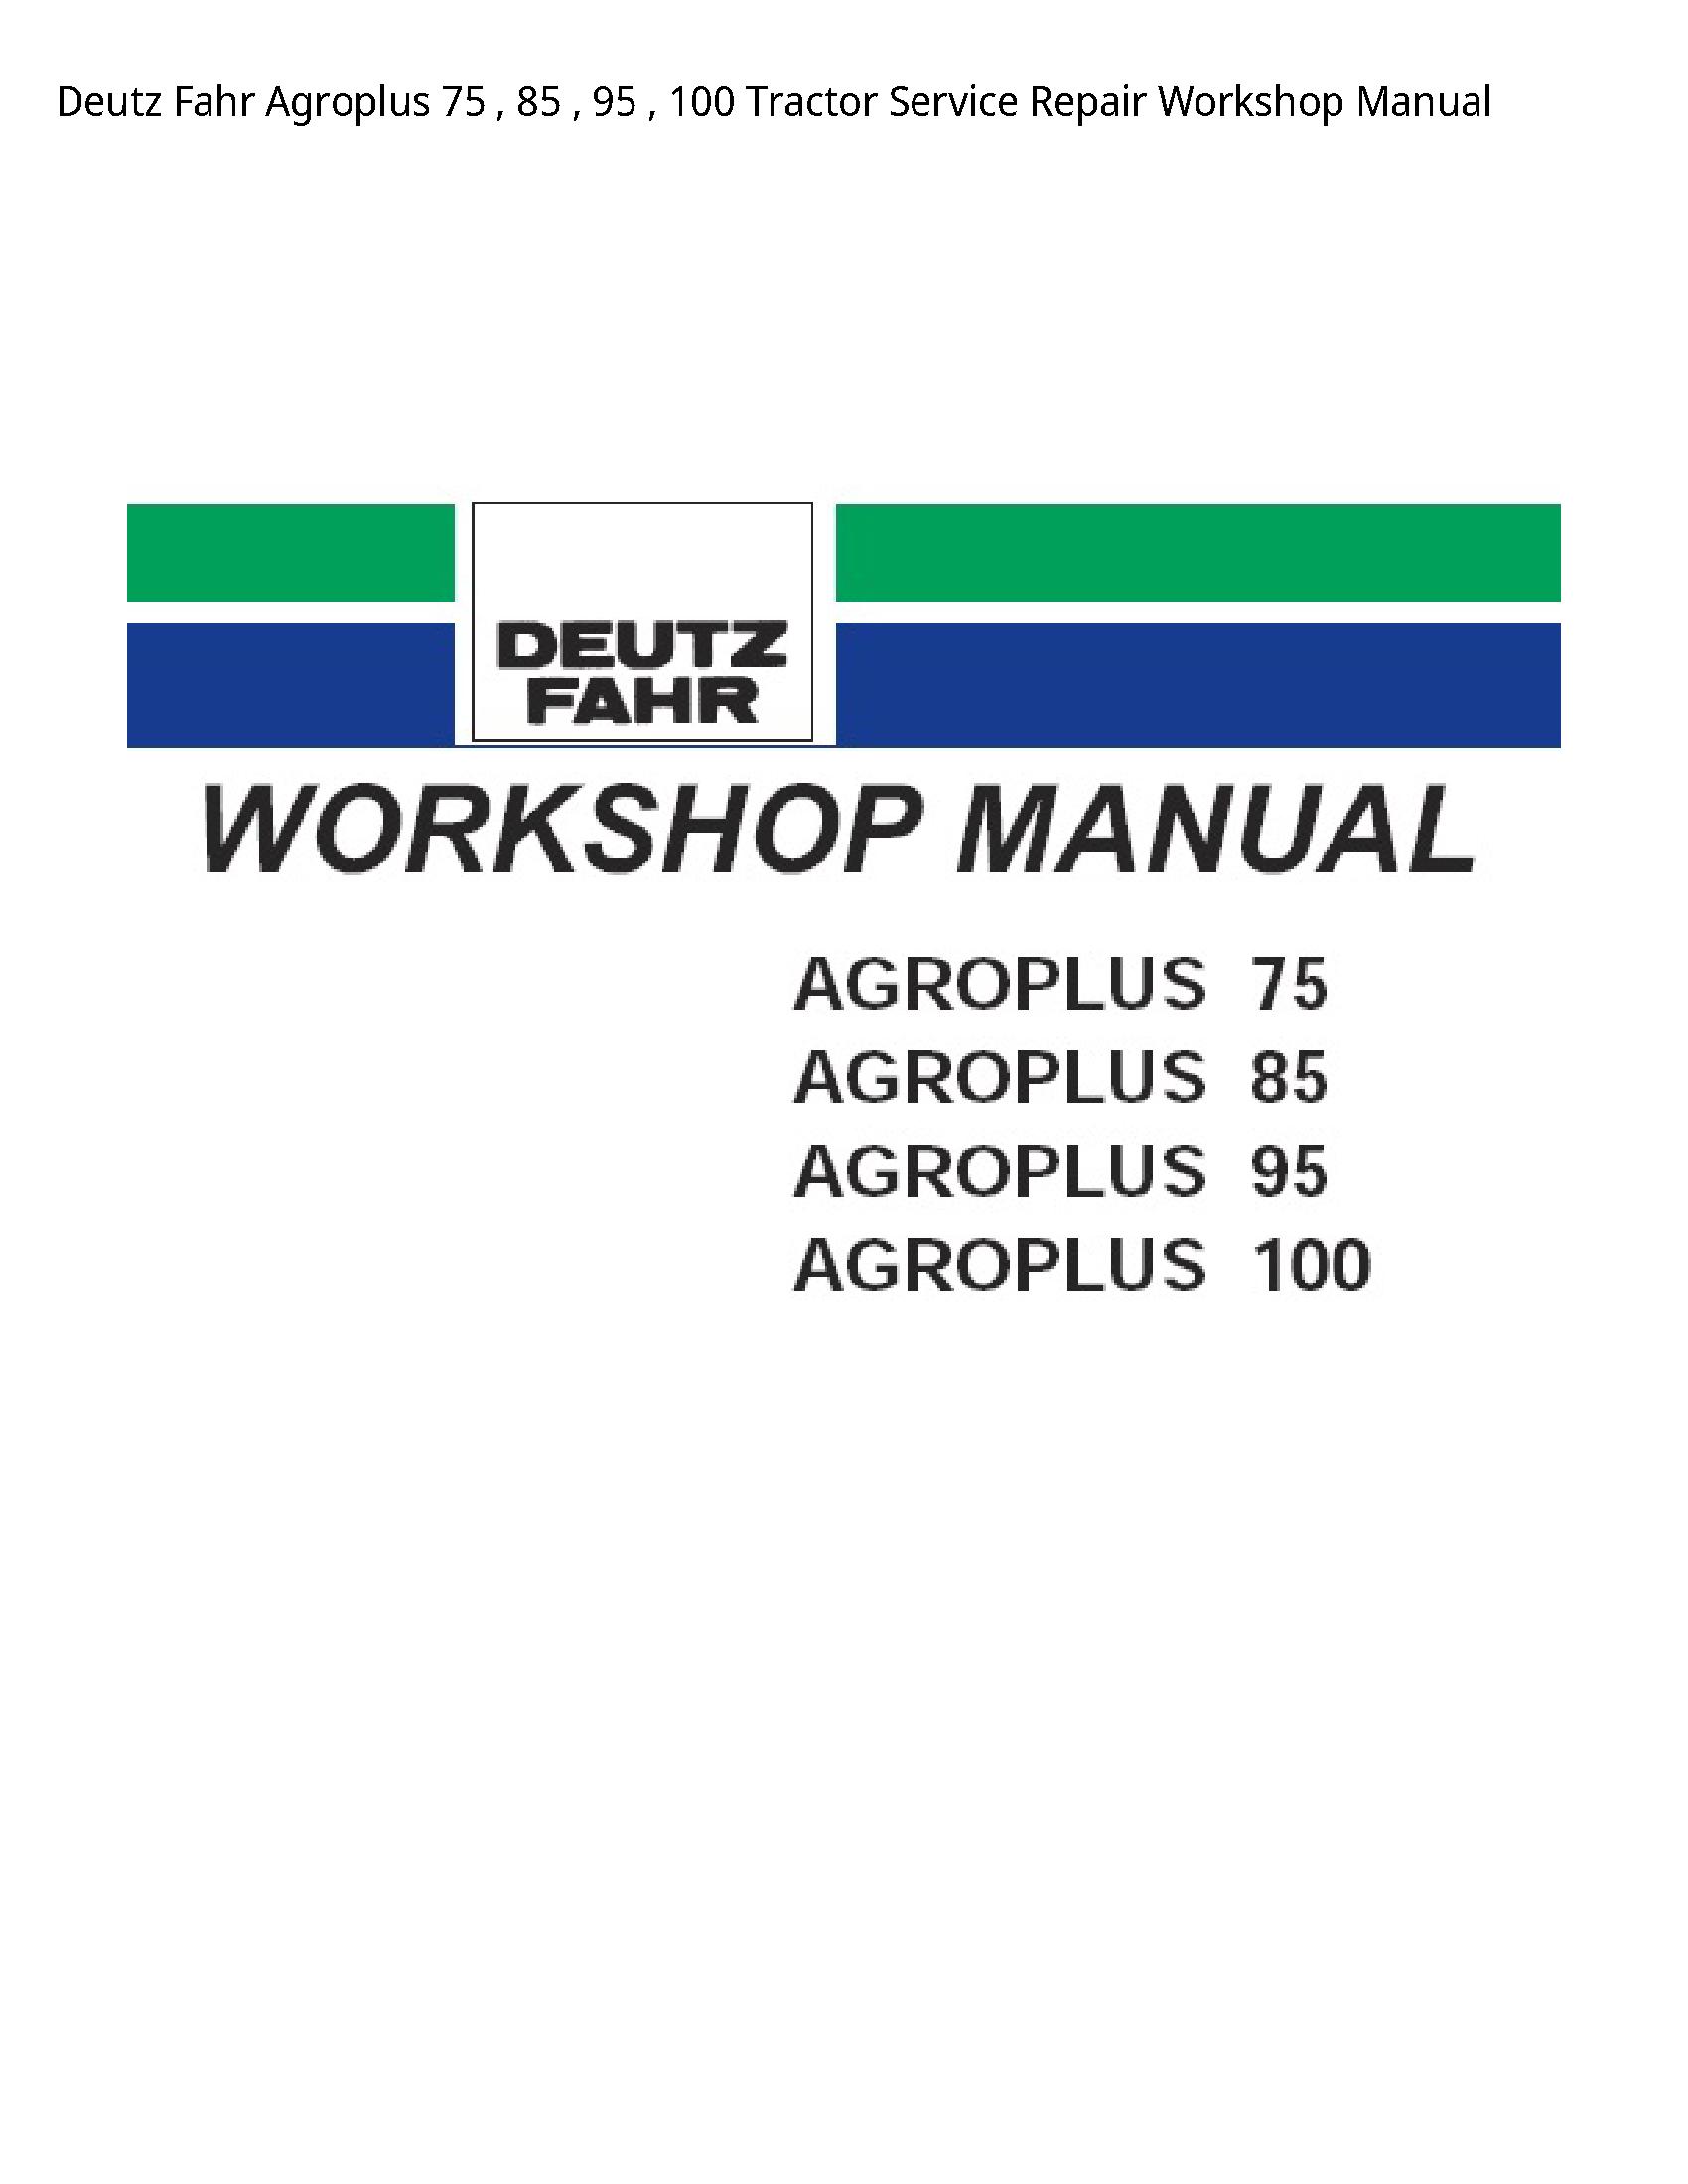 Deutz 75 Fahr Agroplus Tractor manual